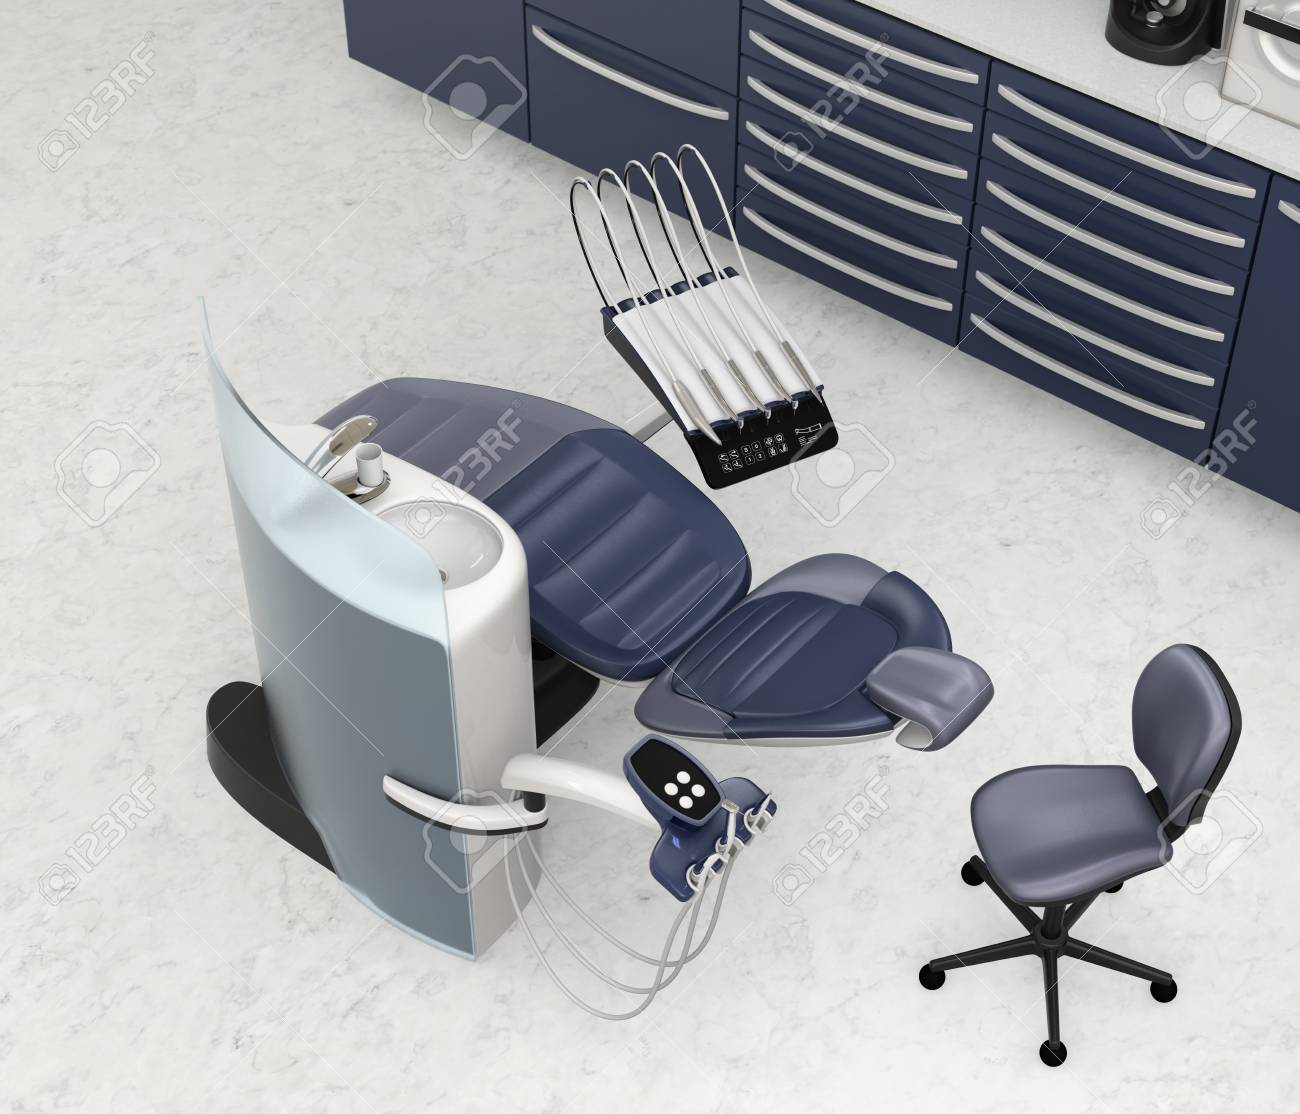 Armadio Per L Ufficio.Interni Dell Ufficio Dentale Con L Equipaggiamento E L Armadio Dell Unita Blu Metallizzata Immagine Di Rendering 3d